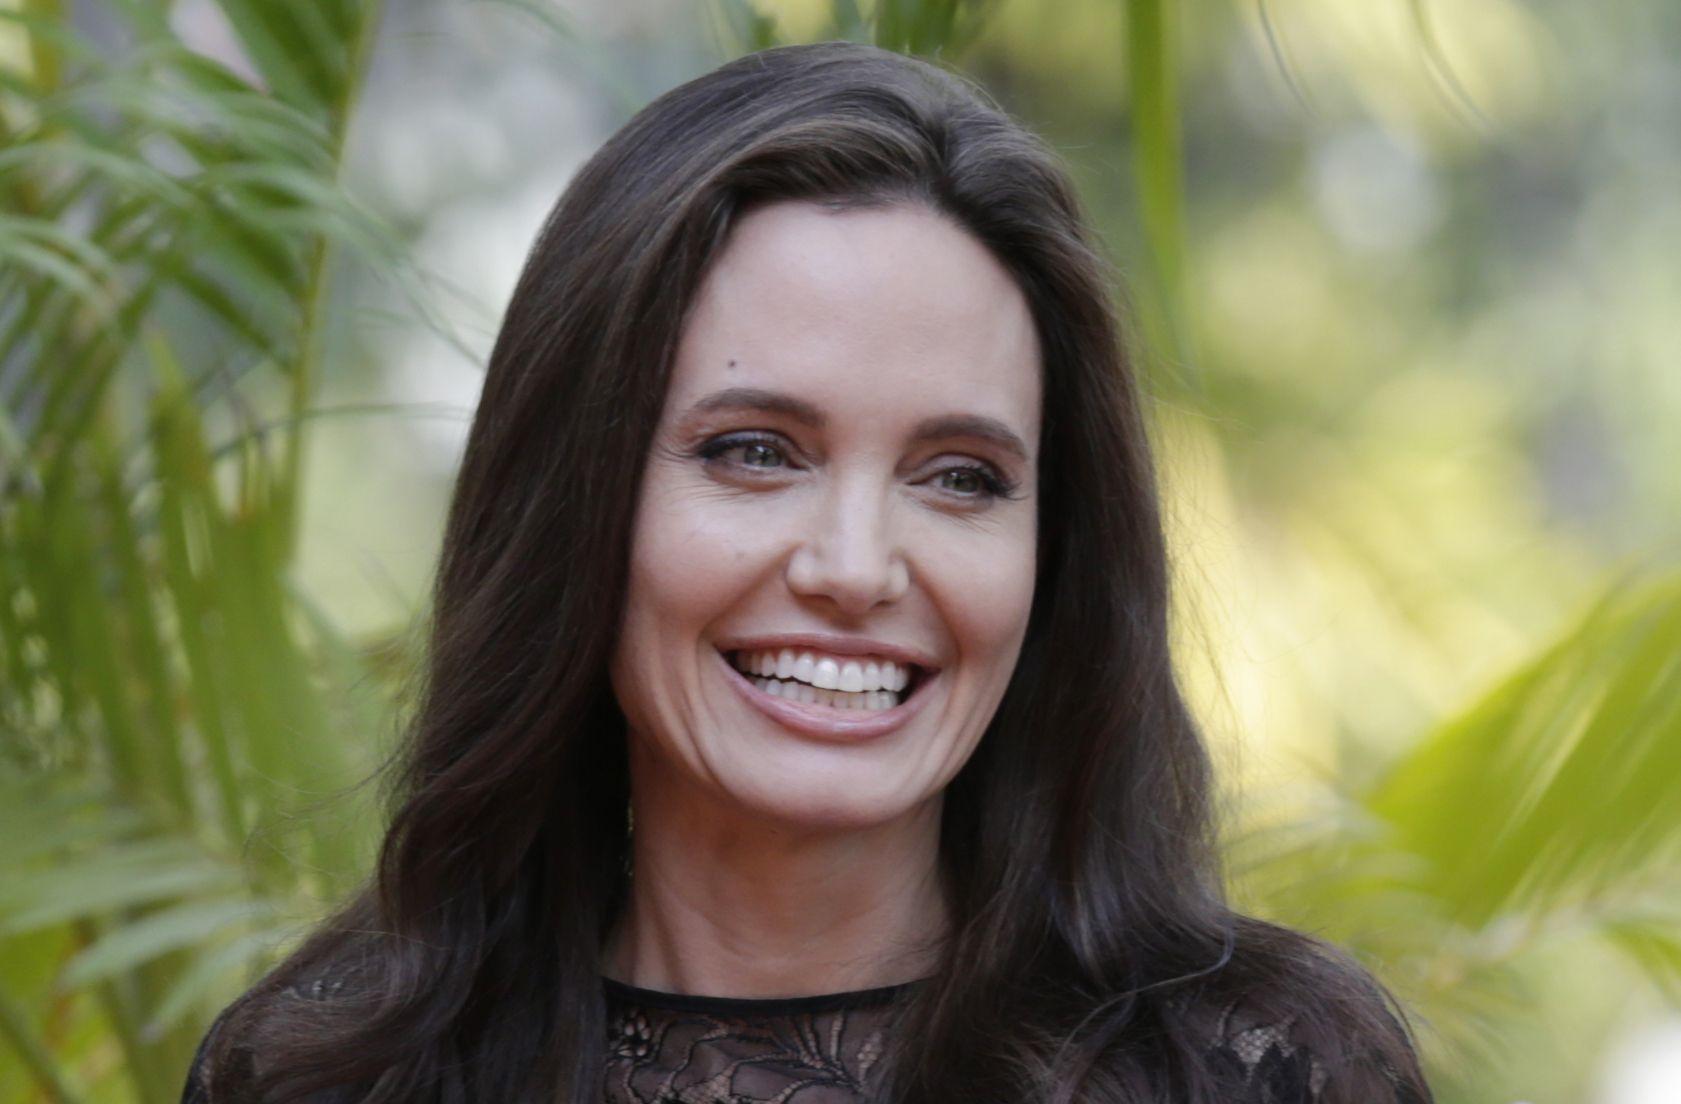 'The Kept': Angelina Jolie Set to Star in 'Lady Macbeth' Screenwriter Alice Birch's Period-Set Murder Thriller